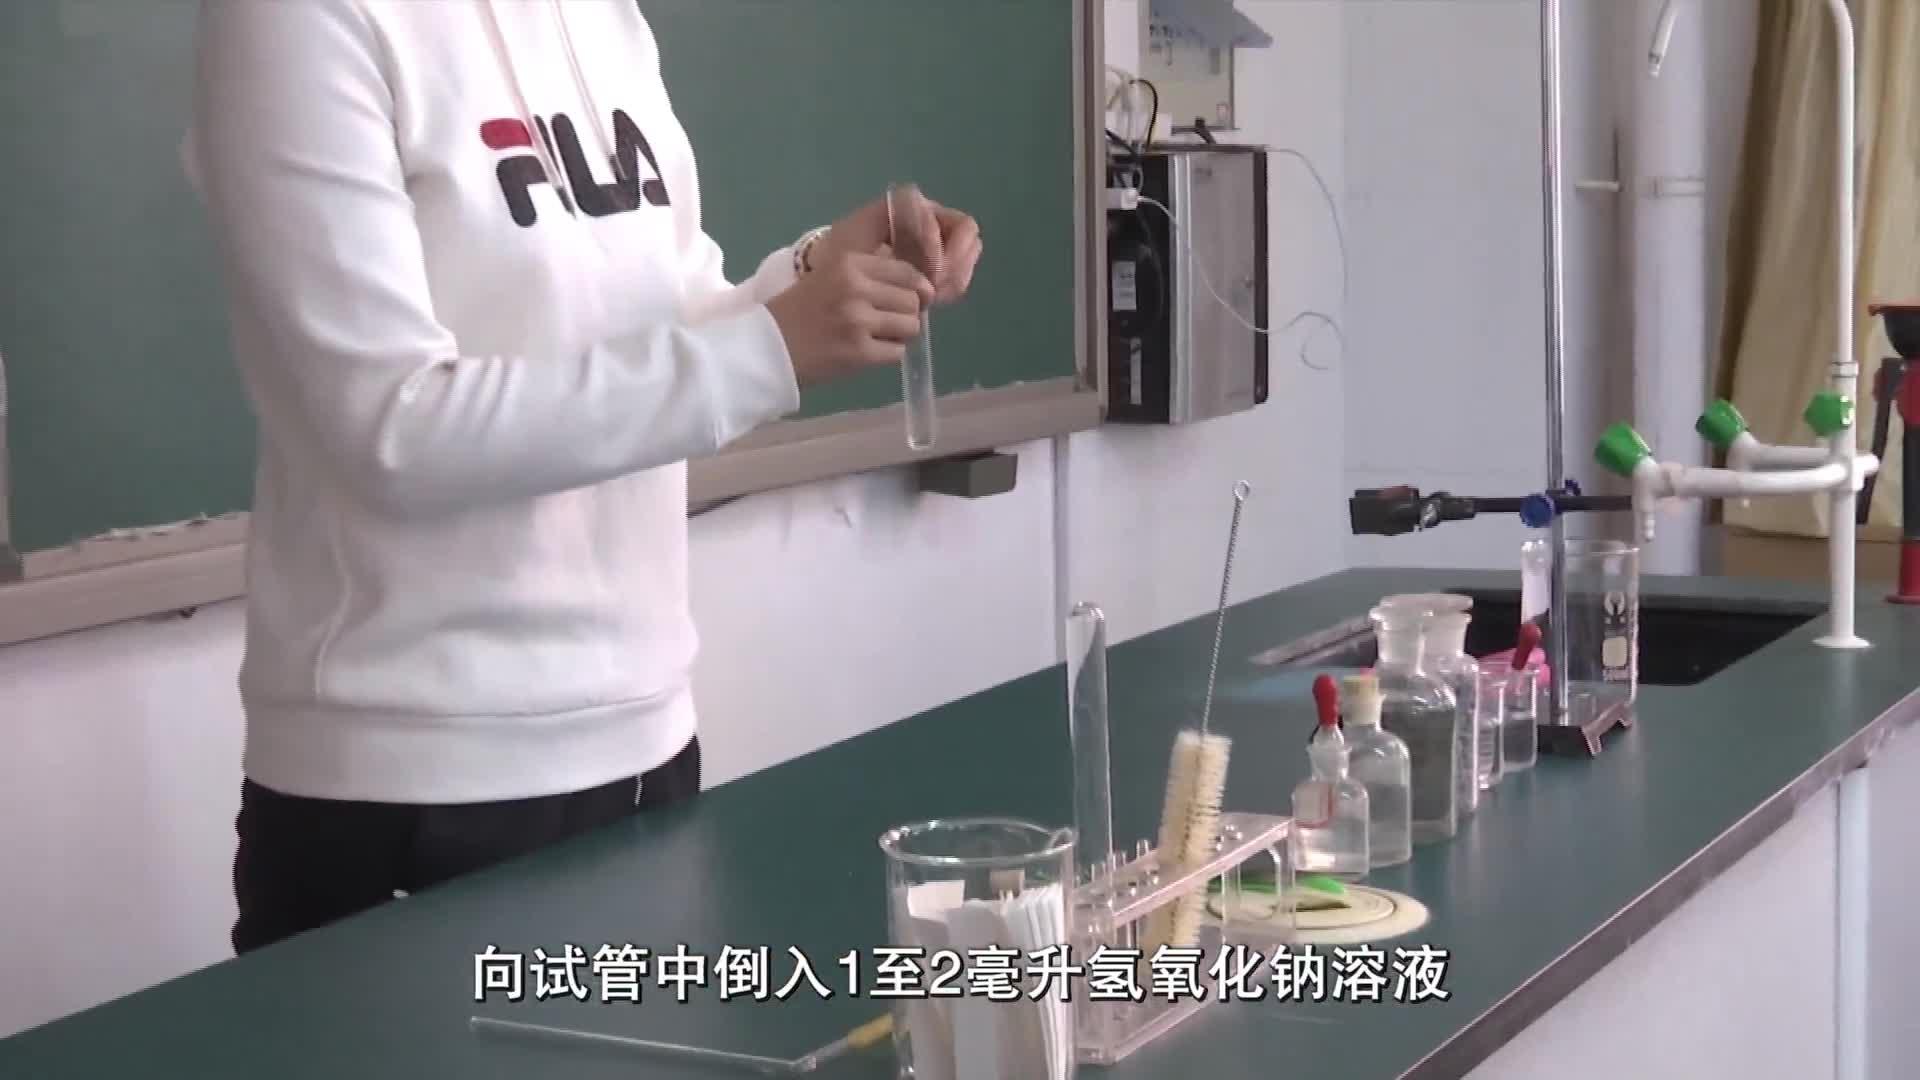 2019河南省郑州市中招理化生实验操作考试(化学)-探究二氧化碳和氢氧化钠的反应-实验演示